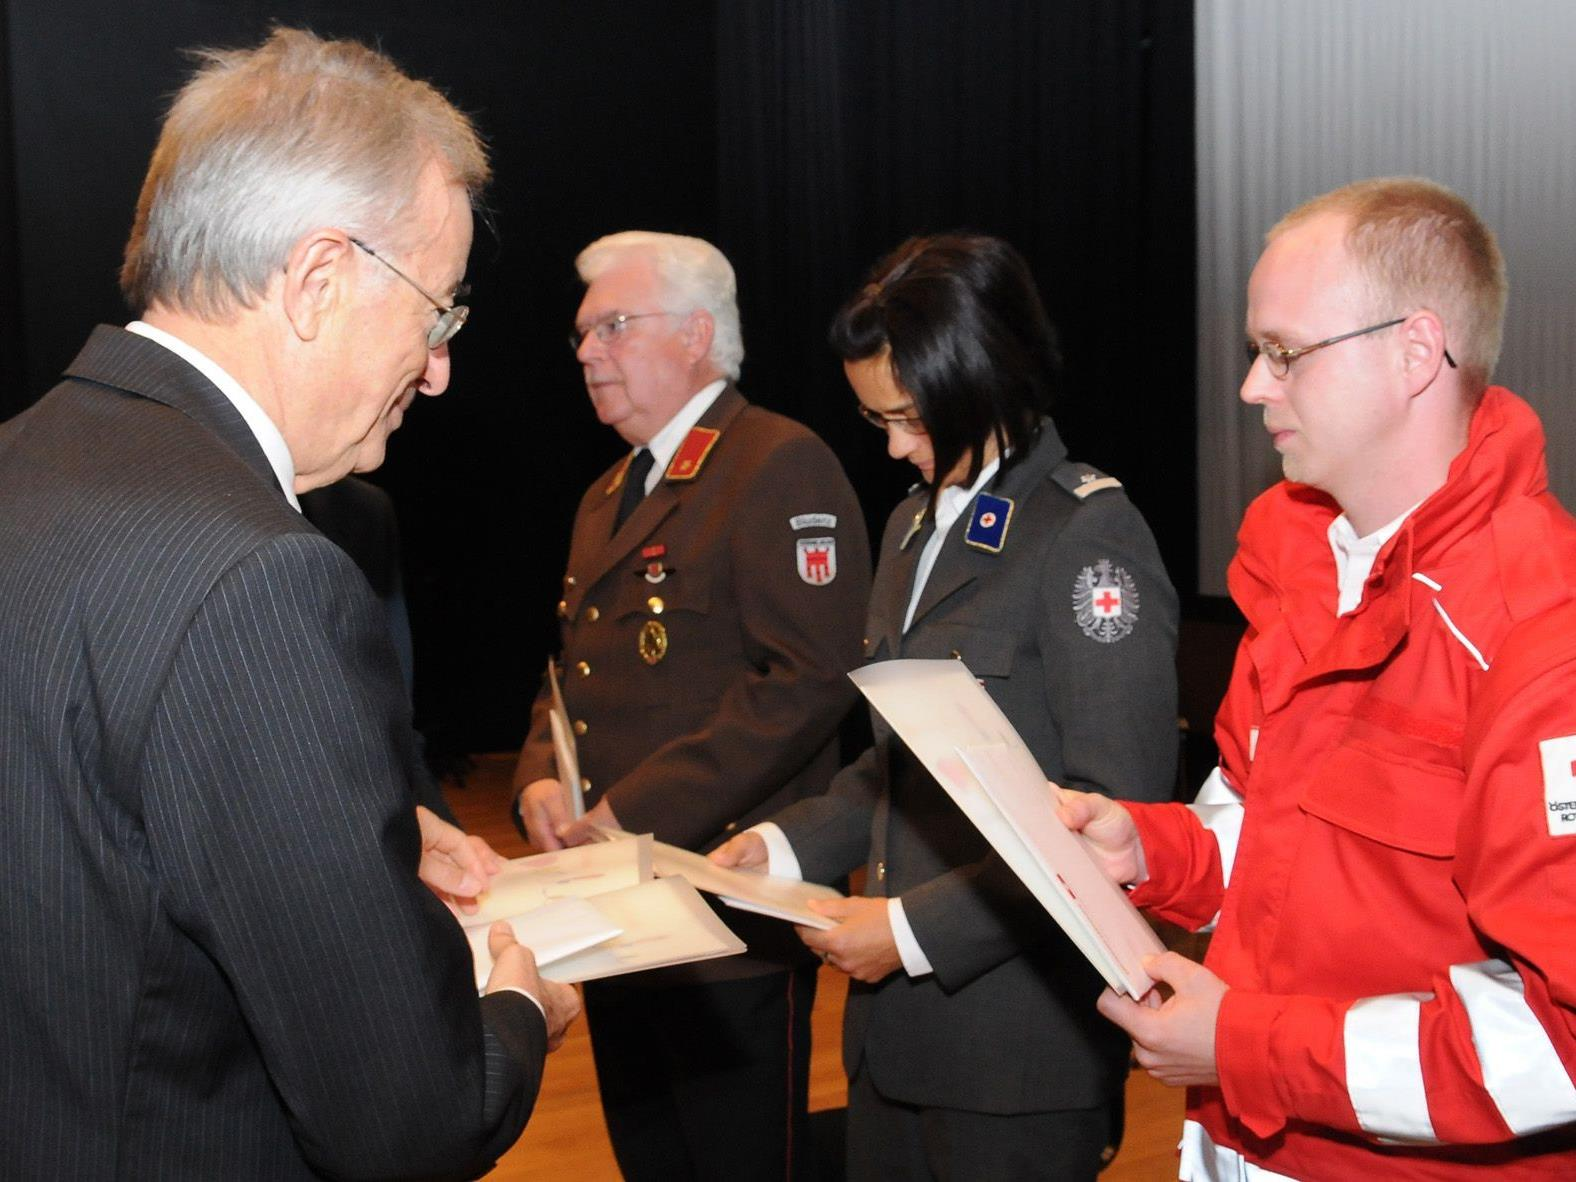 Alexander Sturn erhält Ehrung  für sein Engagement beim Roten Kreuz